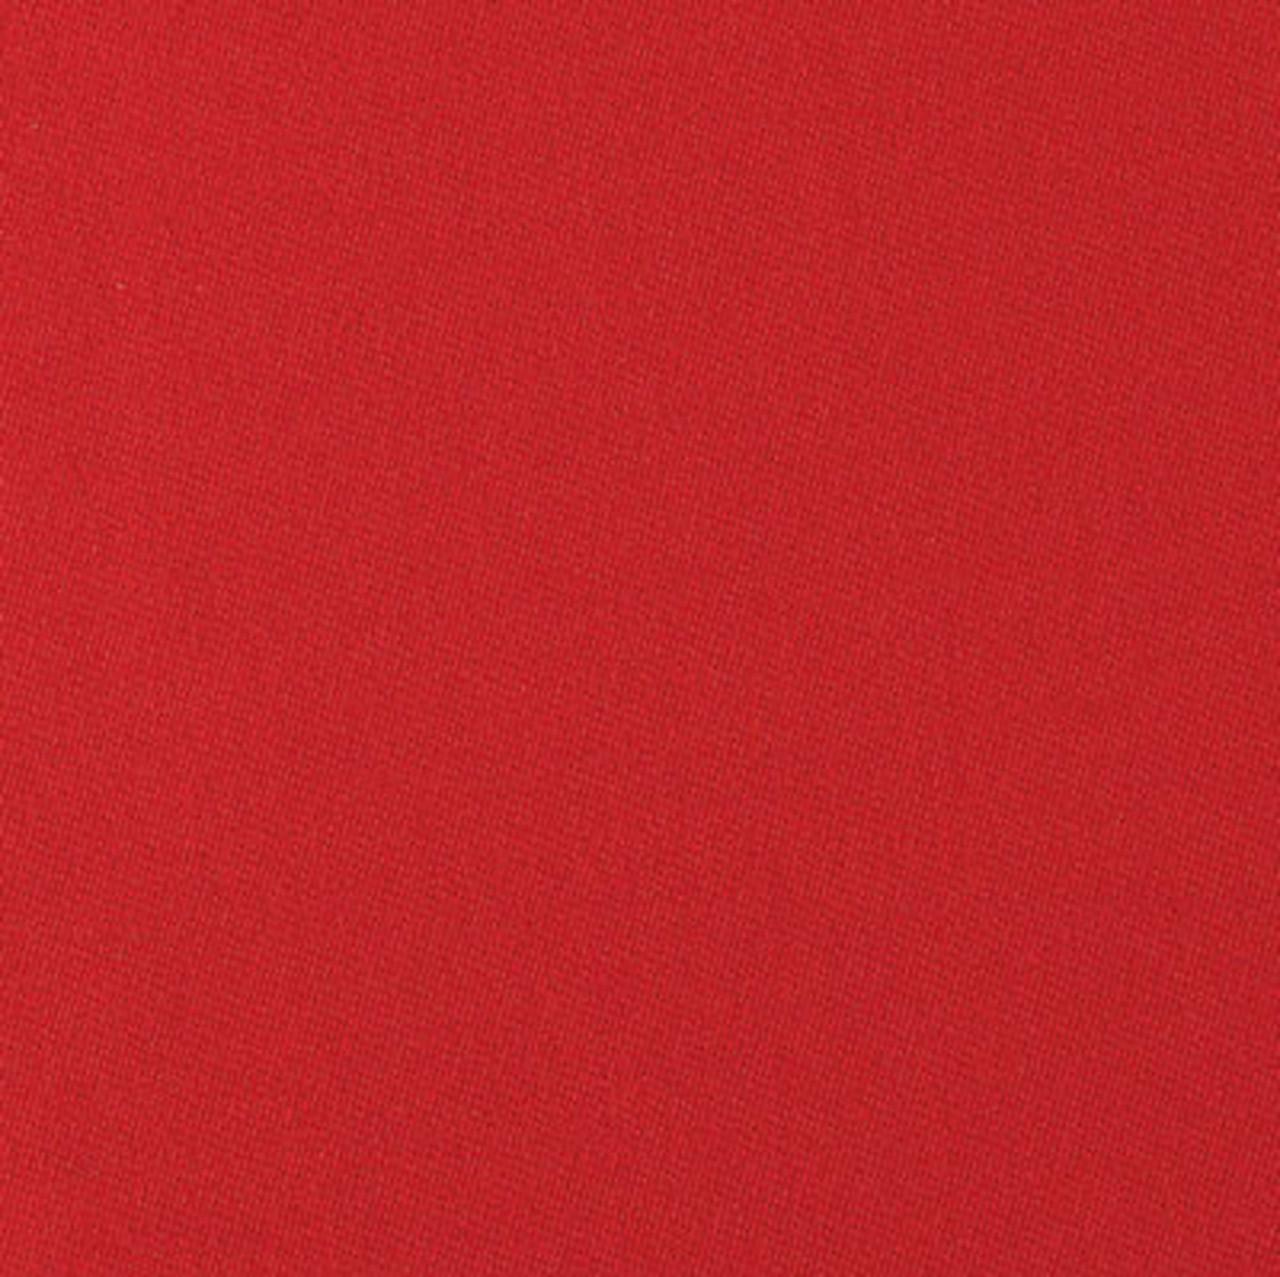 Simonis 860 Red Pool Table Felt - 9ft